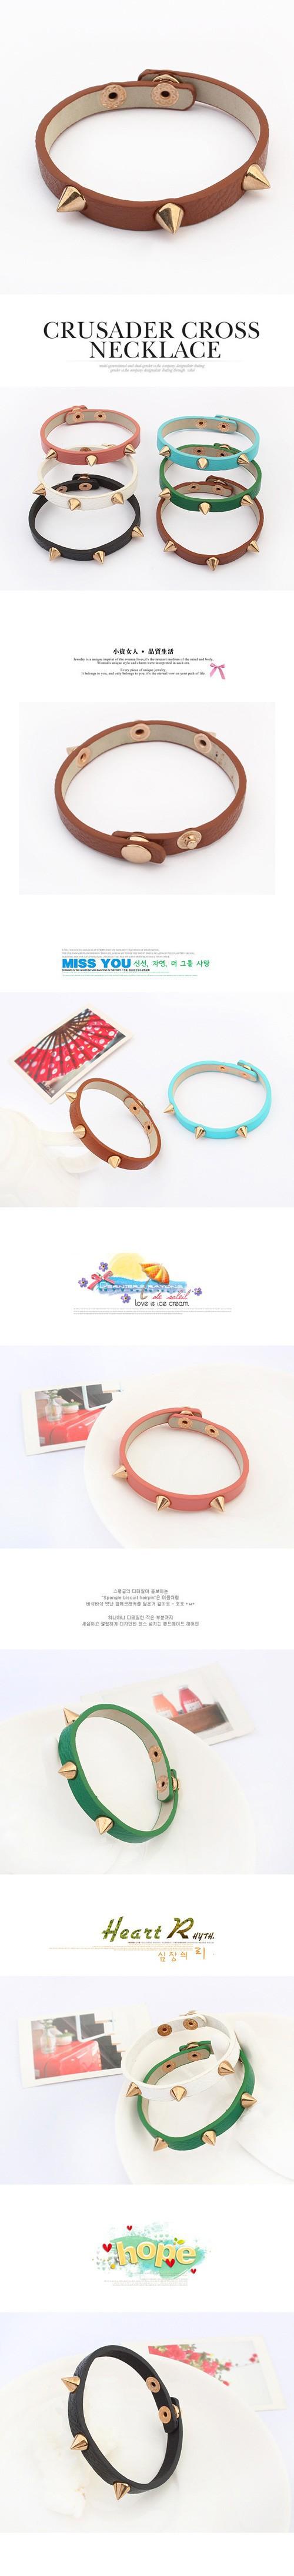 LZ Бижутерия Хата 107588 новый смолы и цинк сплава персонализированные ручной бисером браслет моды для девочек